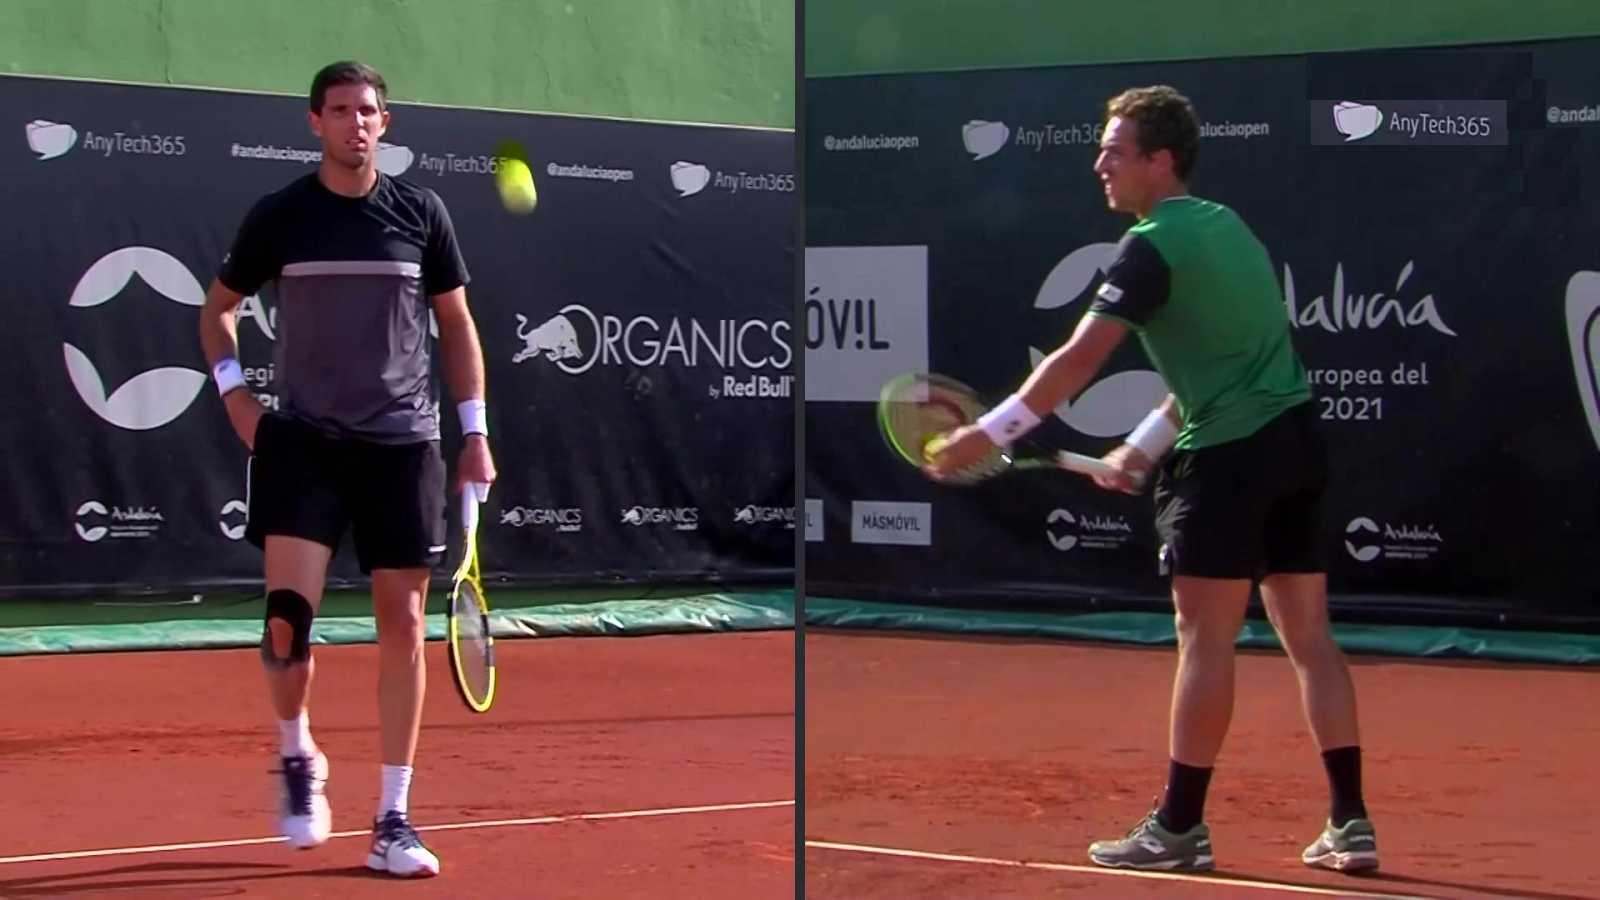 Tenis - ATP 250 Torneo Marbella: R. Carballés - F. Delbonis - ver ahora